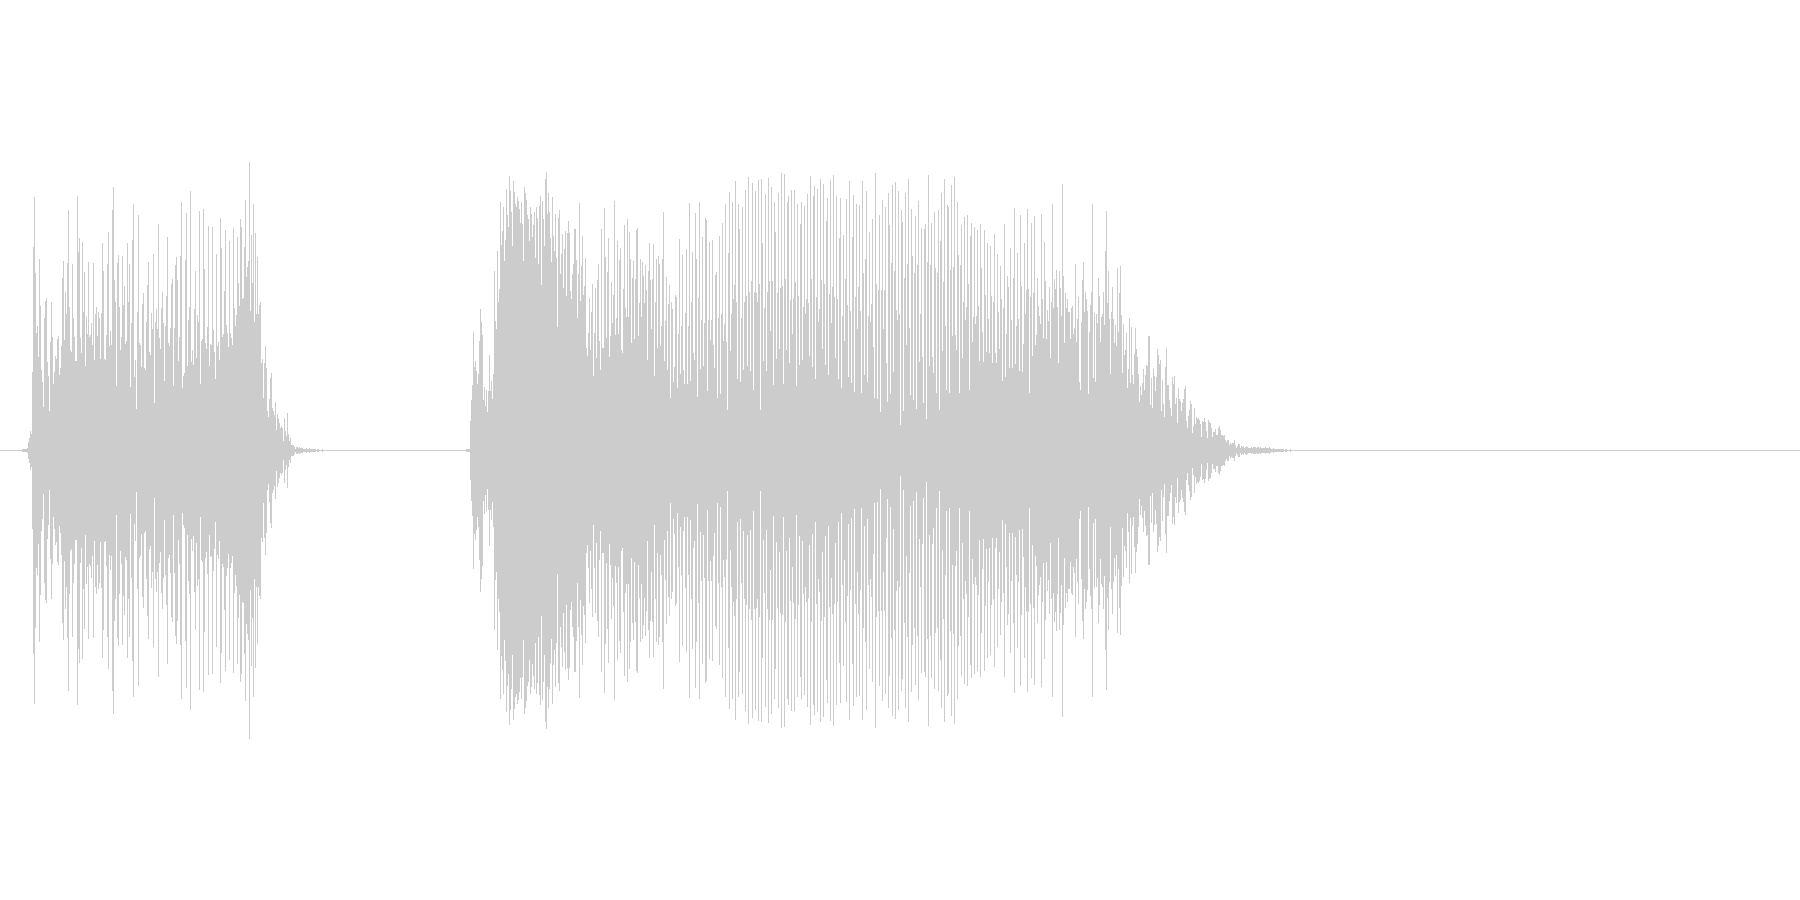 アカン!の未再生の波形